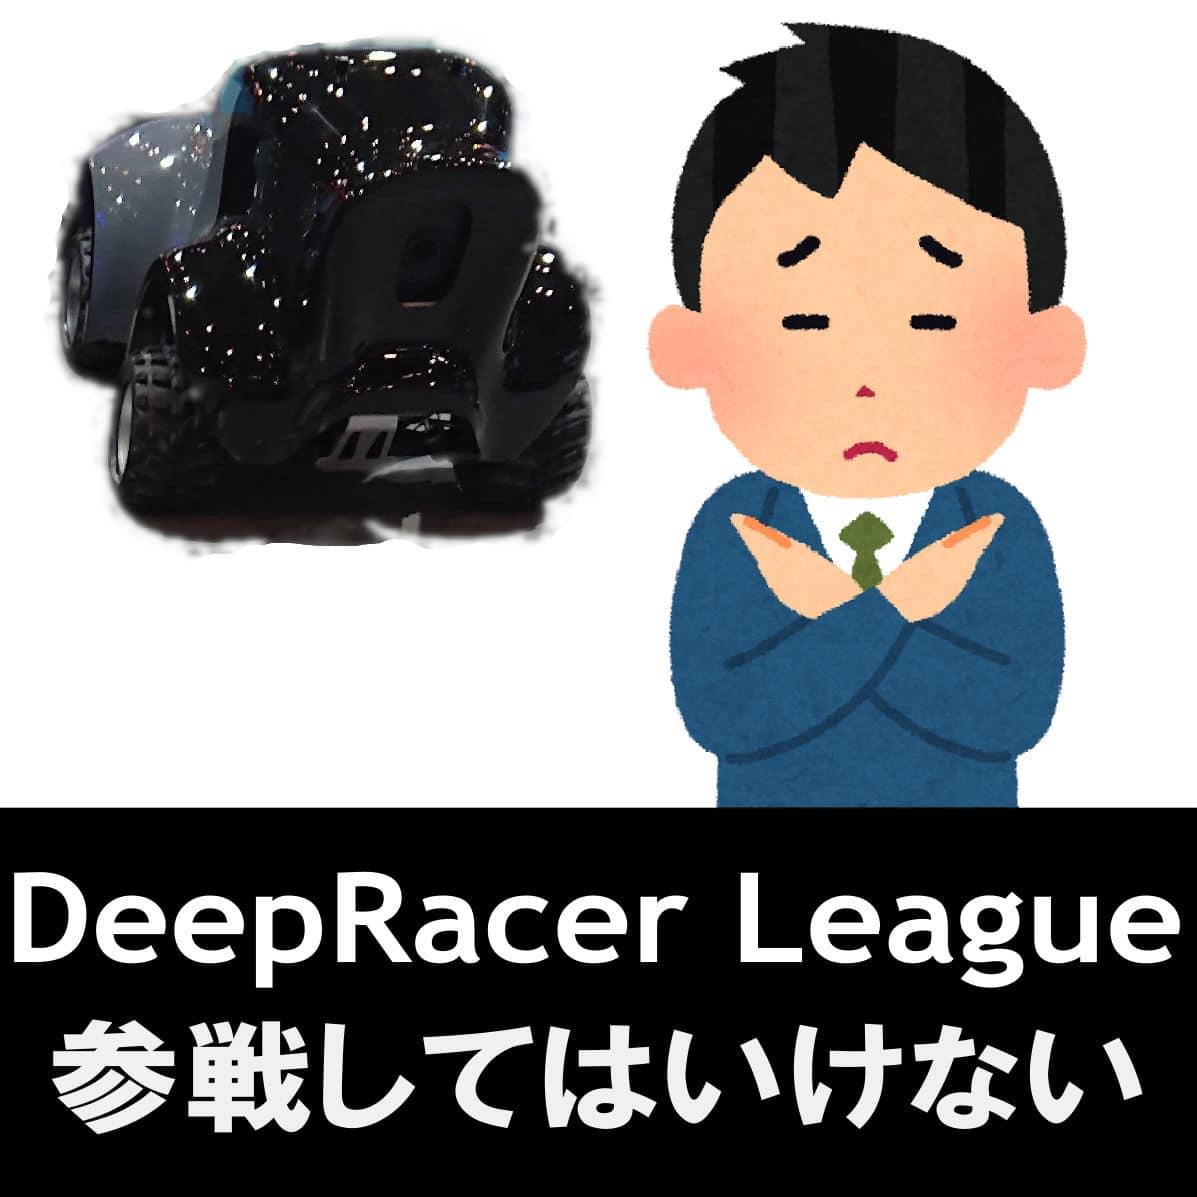 アイキャッチ:AWS DeepRacer リーグには参戦してはいけない